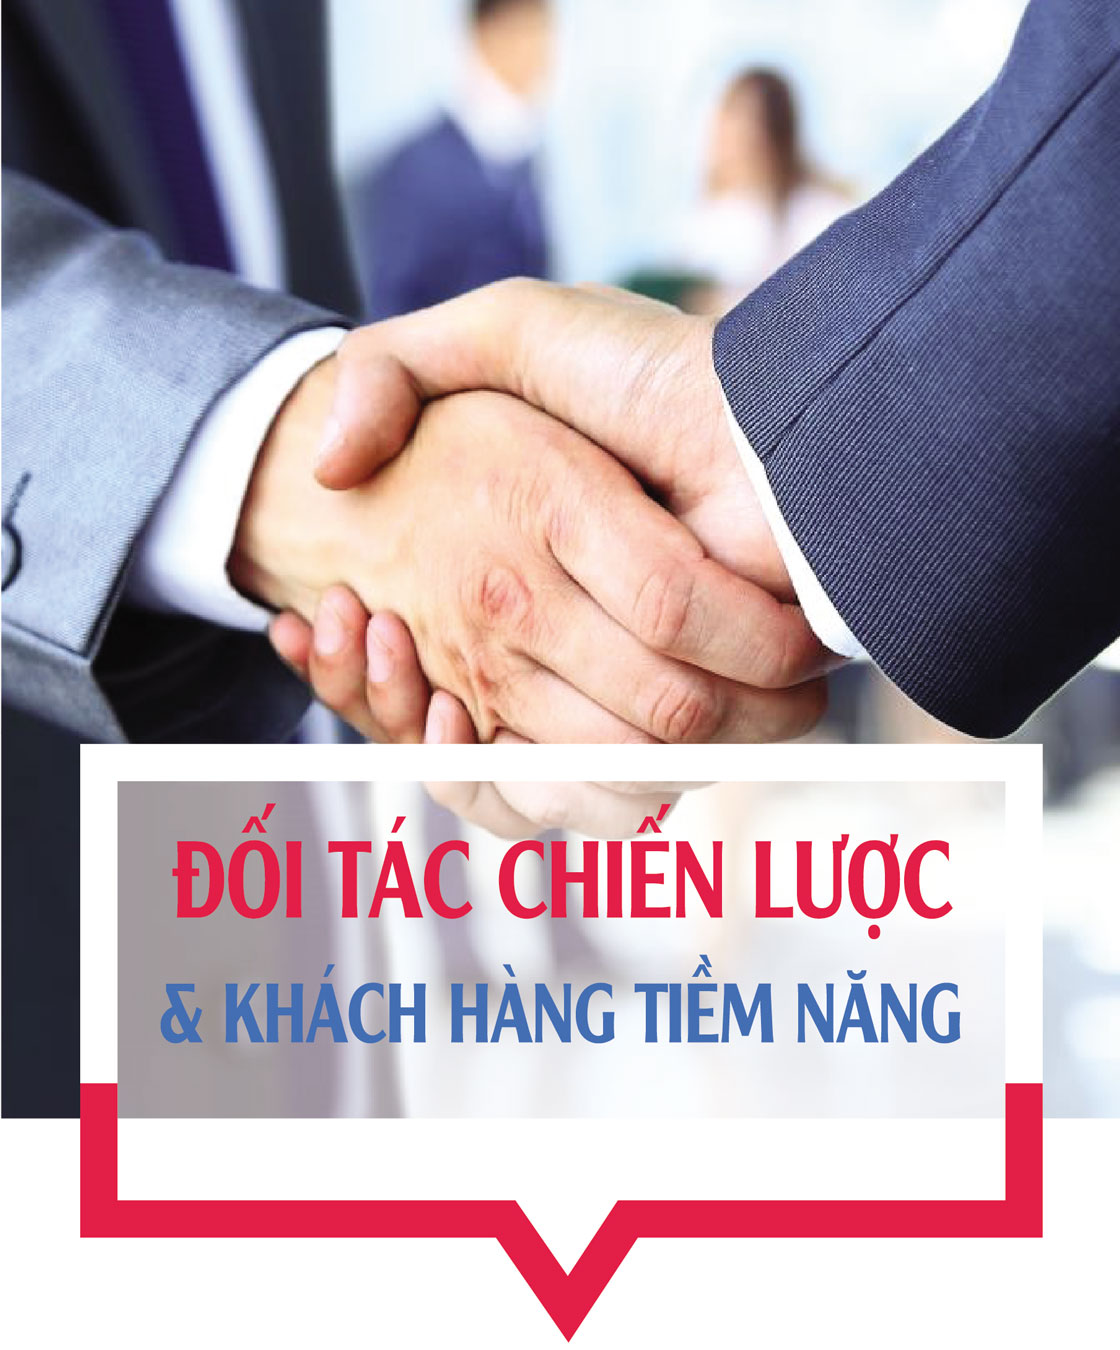 Ninol là đối tác chiến lược của các nước lớn Châu Á